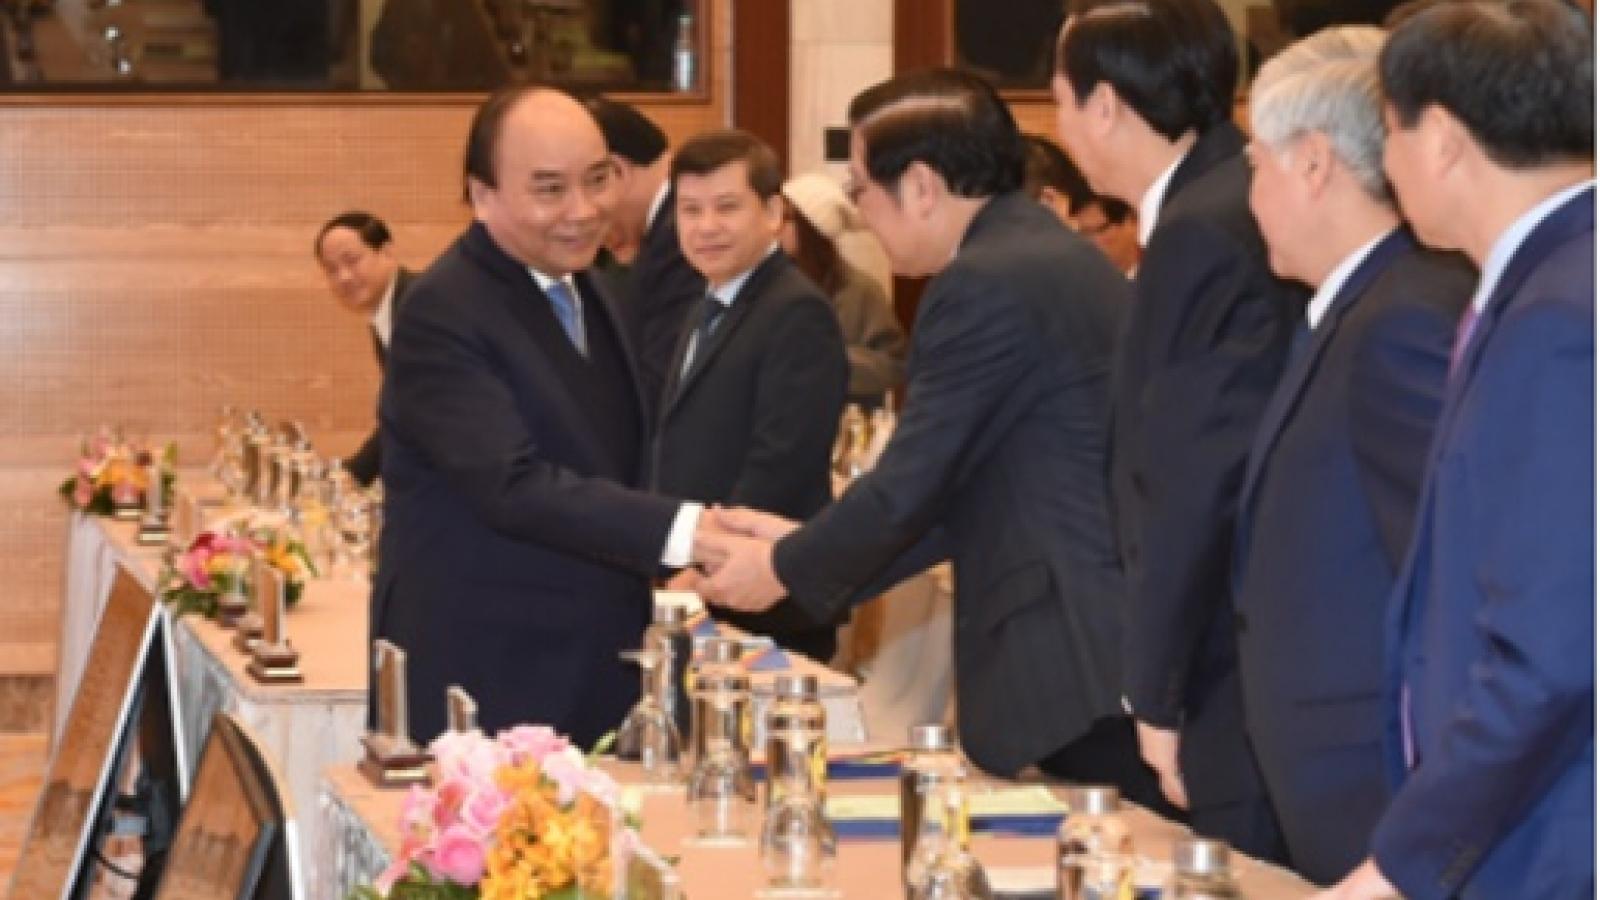 Thủ tướng: Thể chế pháp luật lạc hậu sẽ kìm hãm sự phát triển đất nước